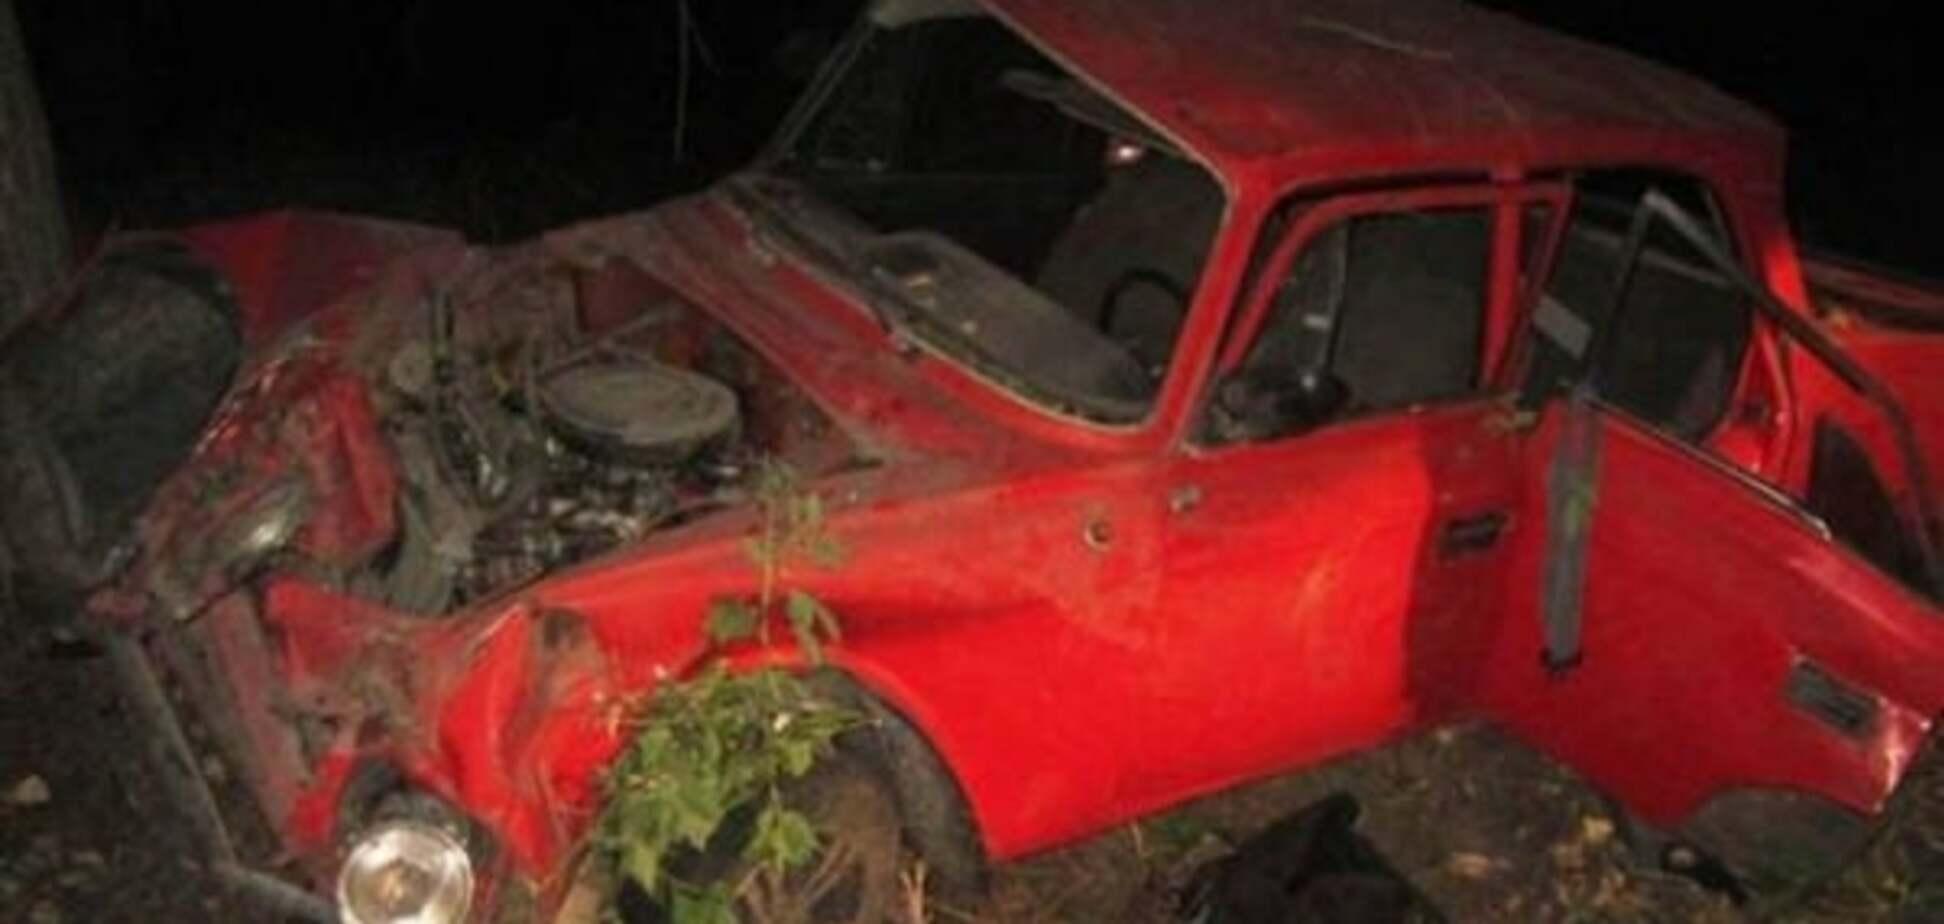 П'яна ДТП на Київщині: автомобіль перекинувся, загинув хлопчик